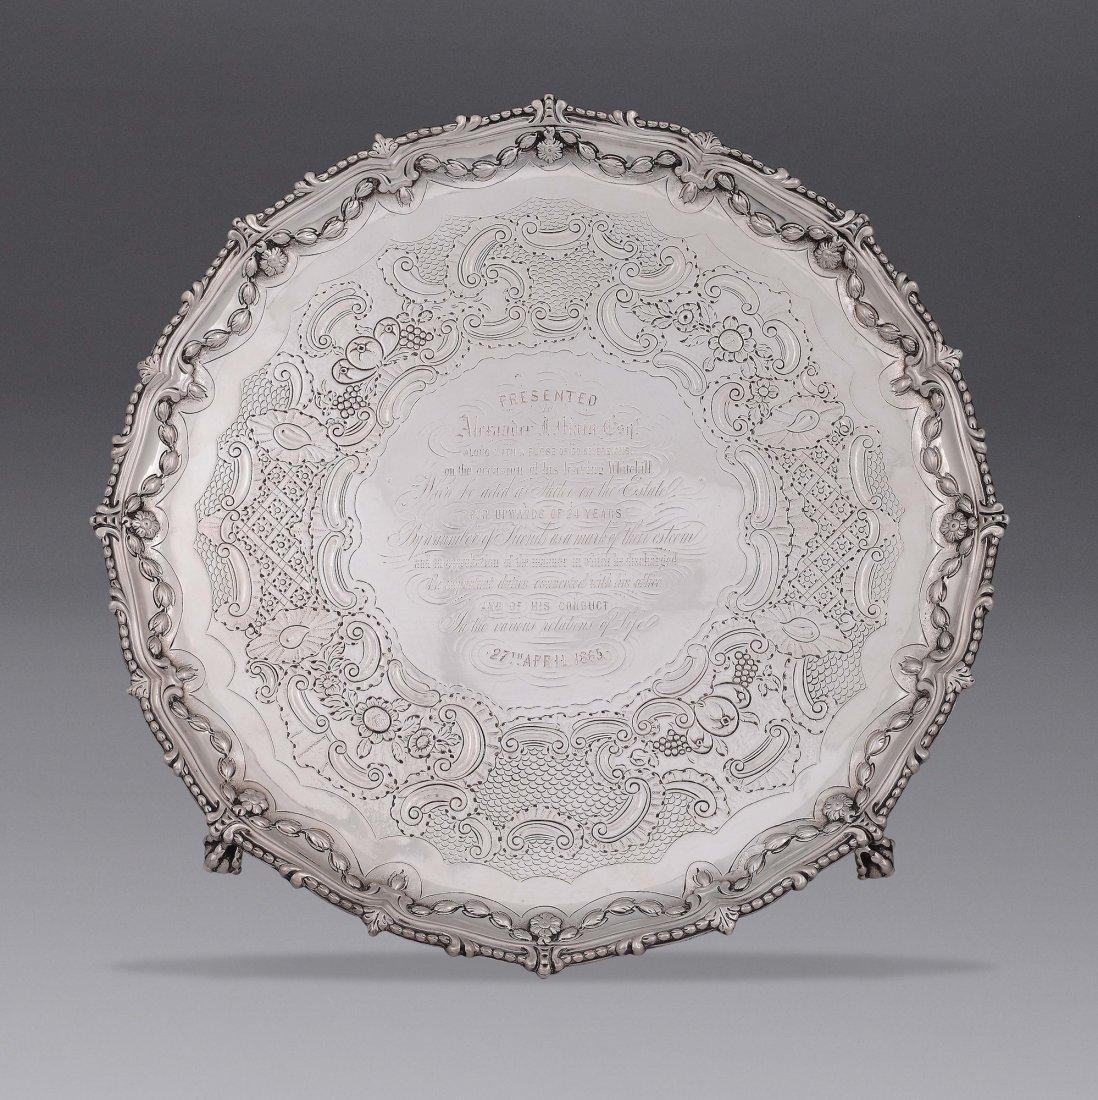 A silver Salver tray, London, 1771, maker John Carter